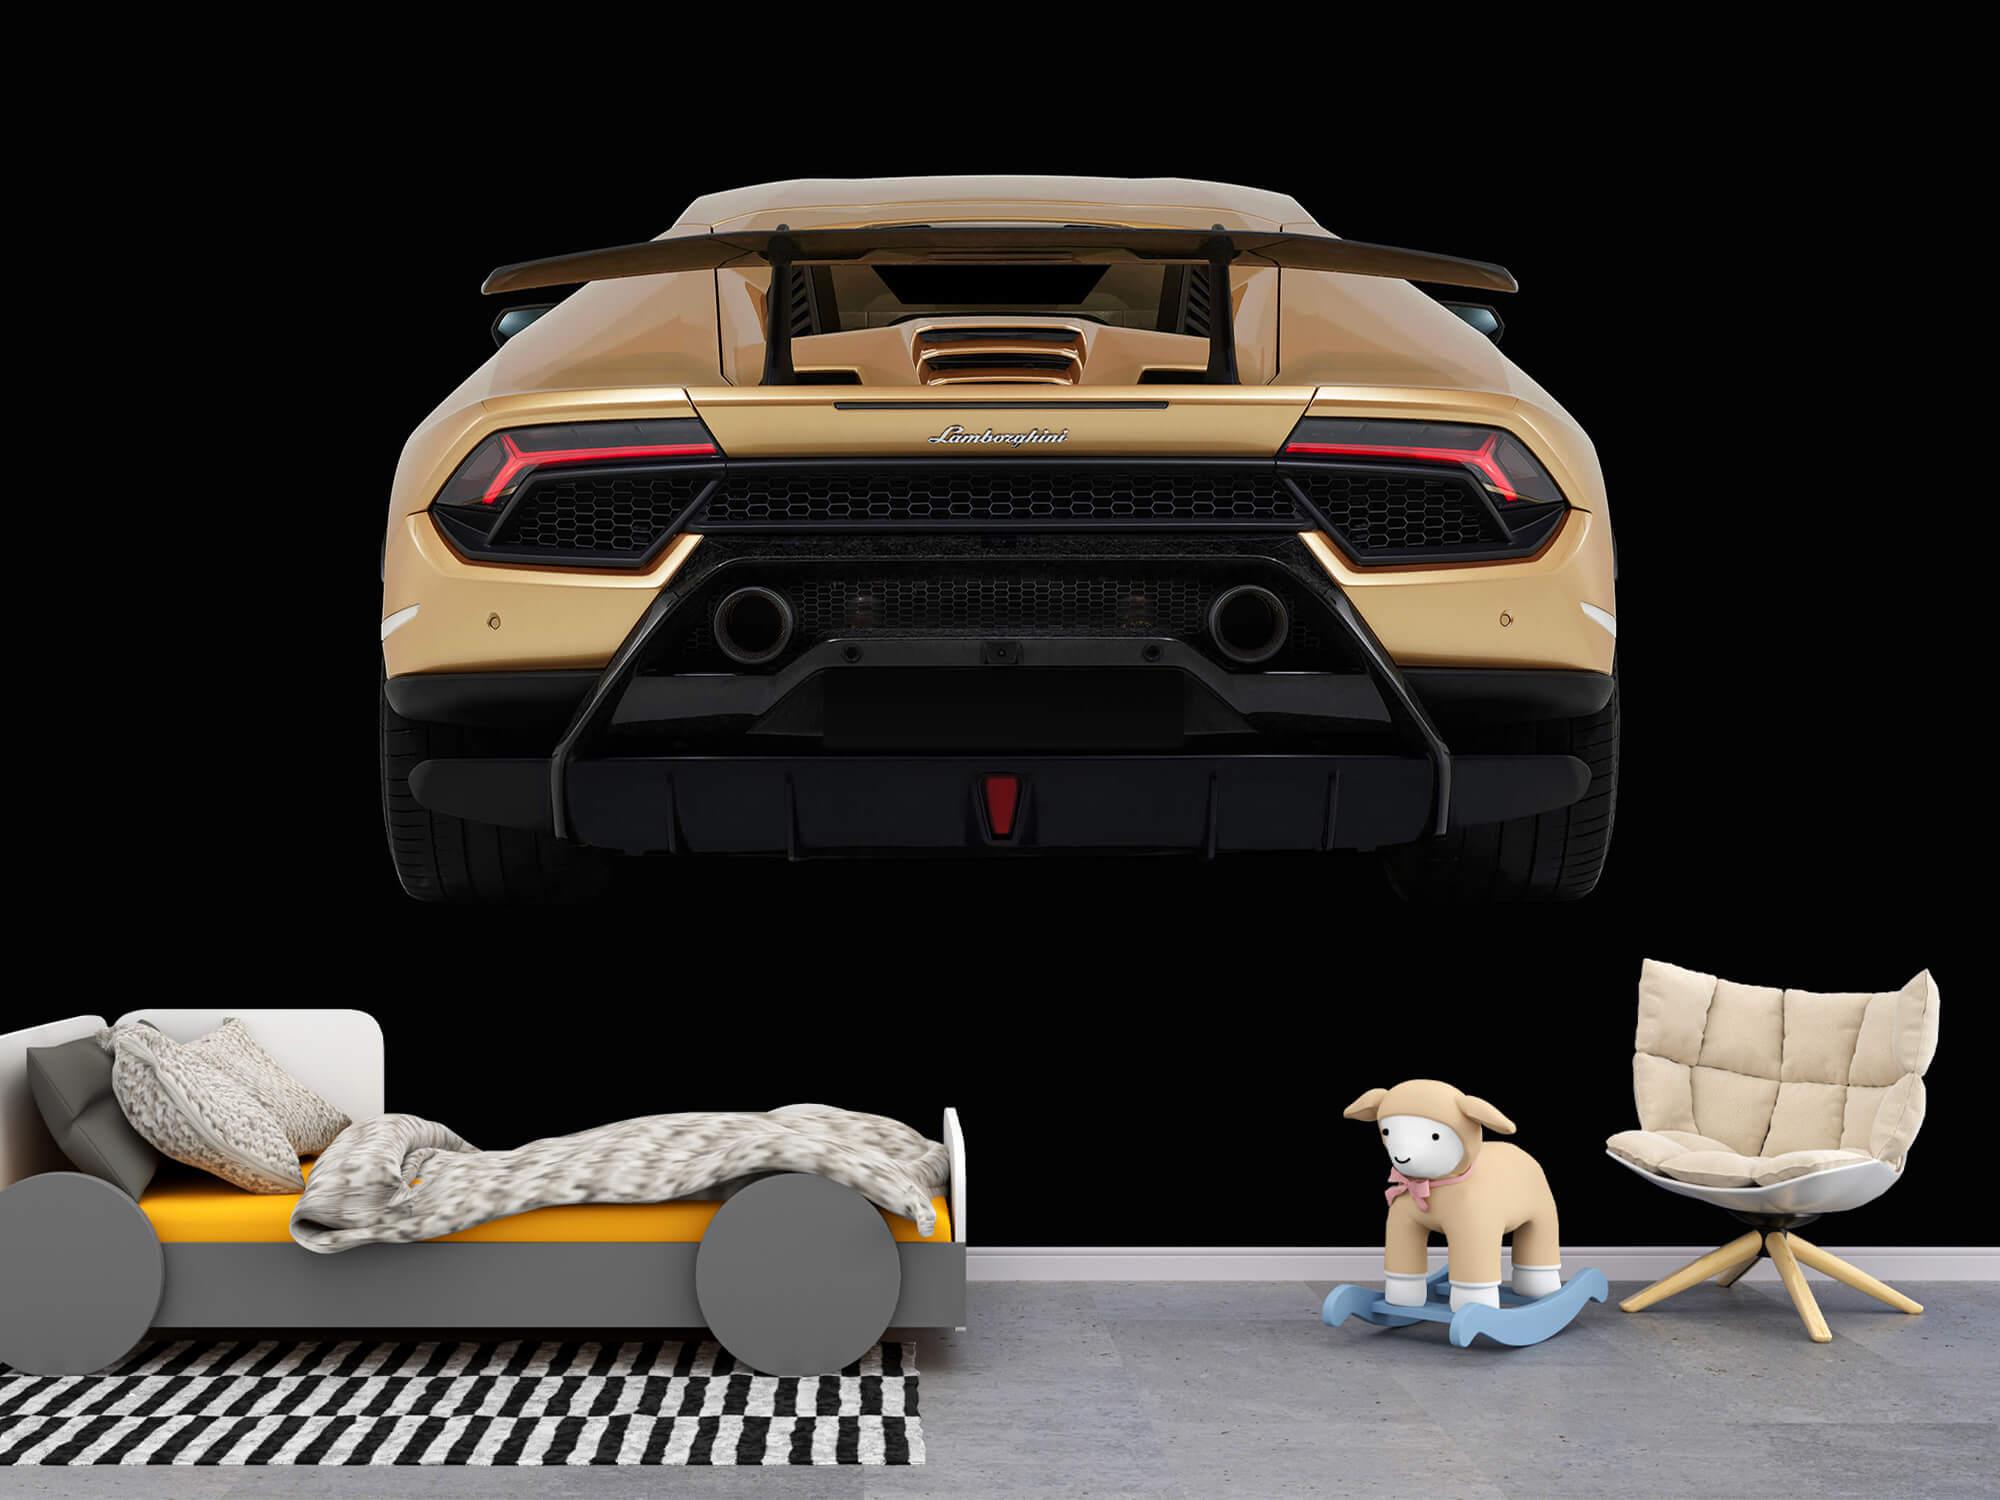 Wallpaper Lamborghini Huracán - Bak, svart 4